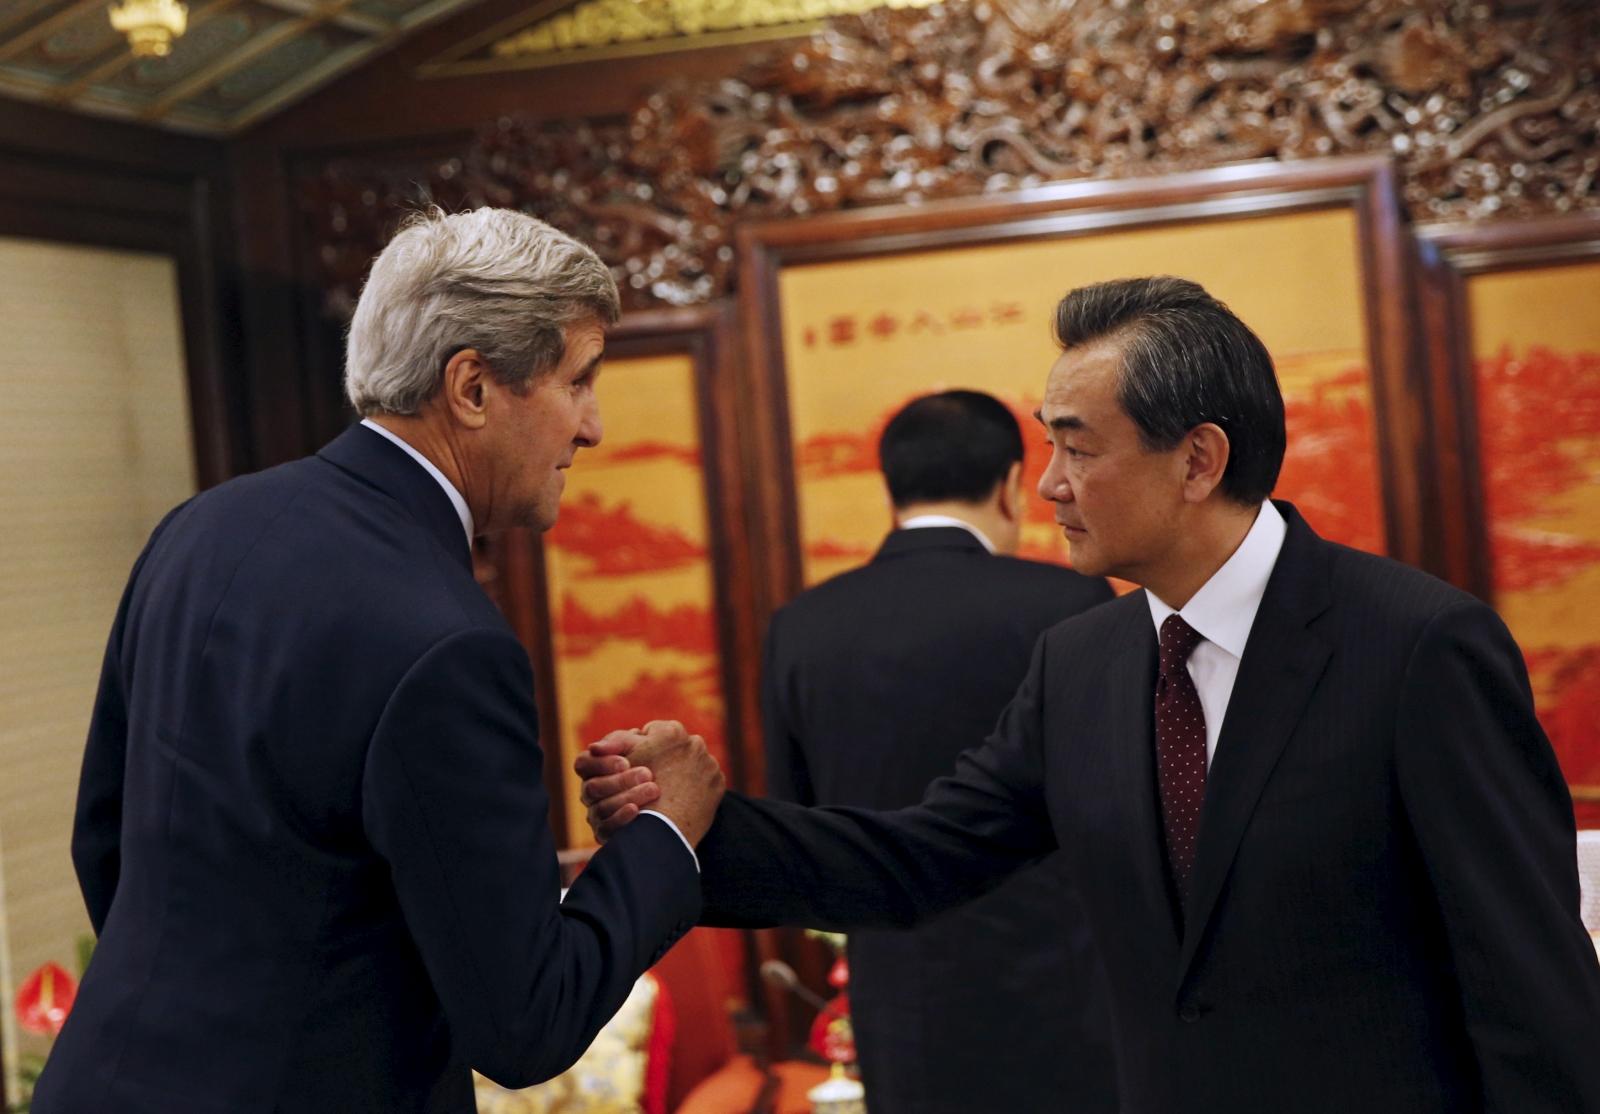 John Kerry meets Wang Yi